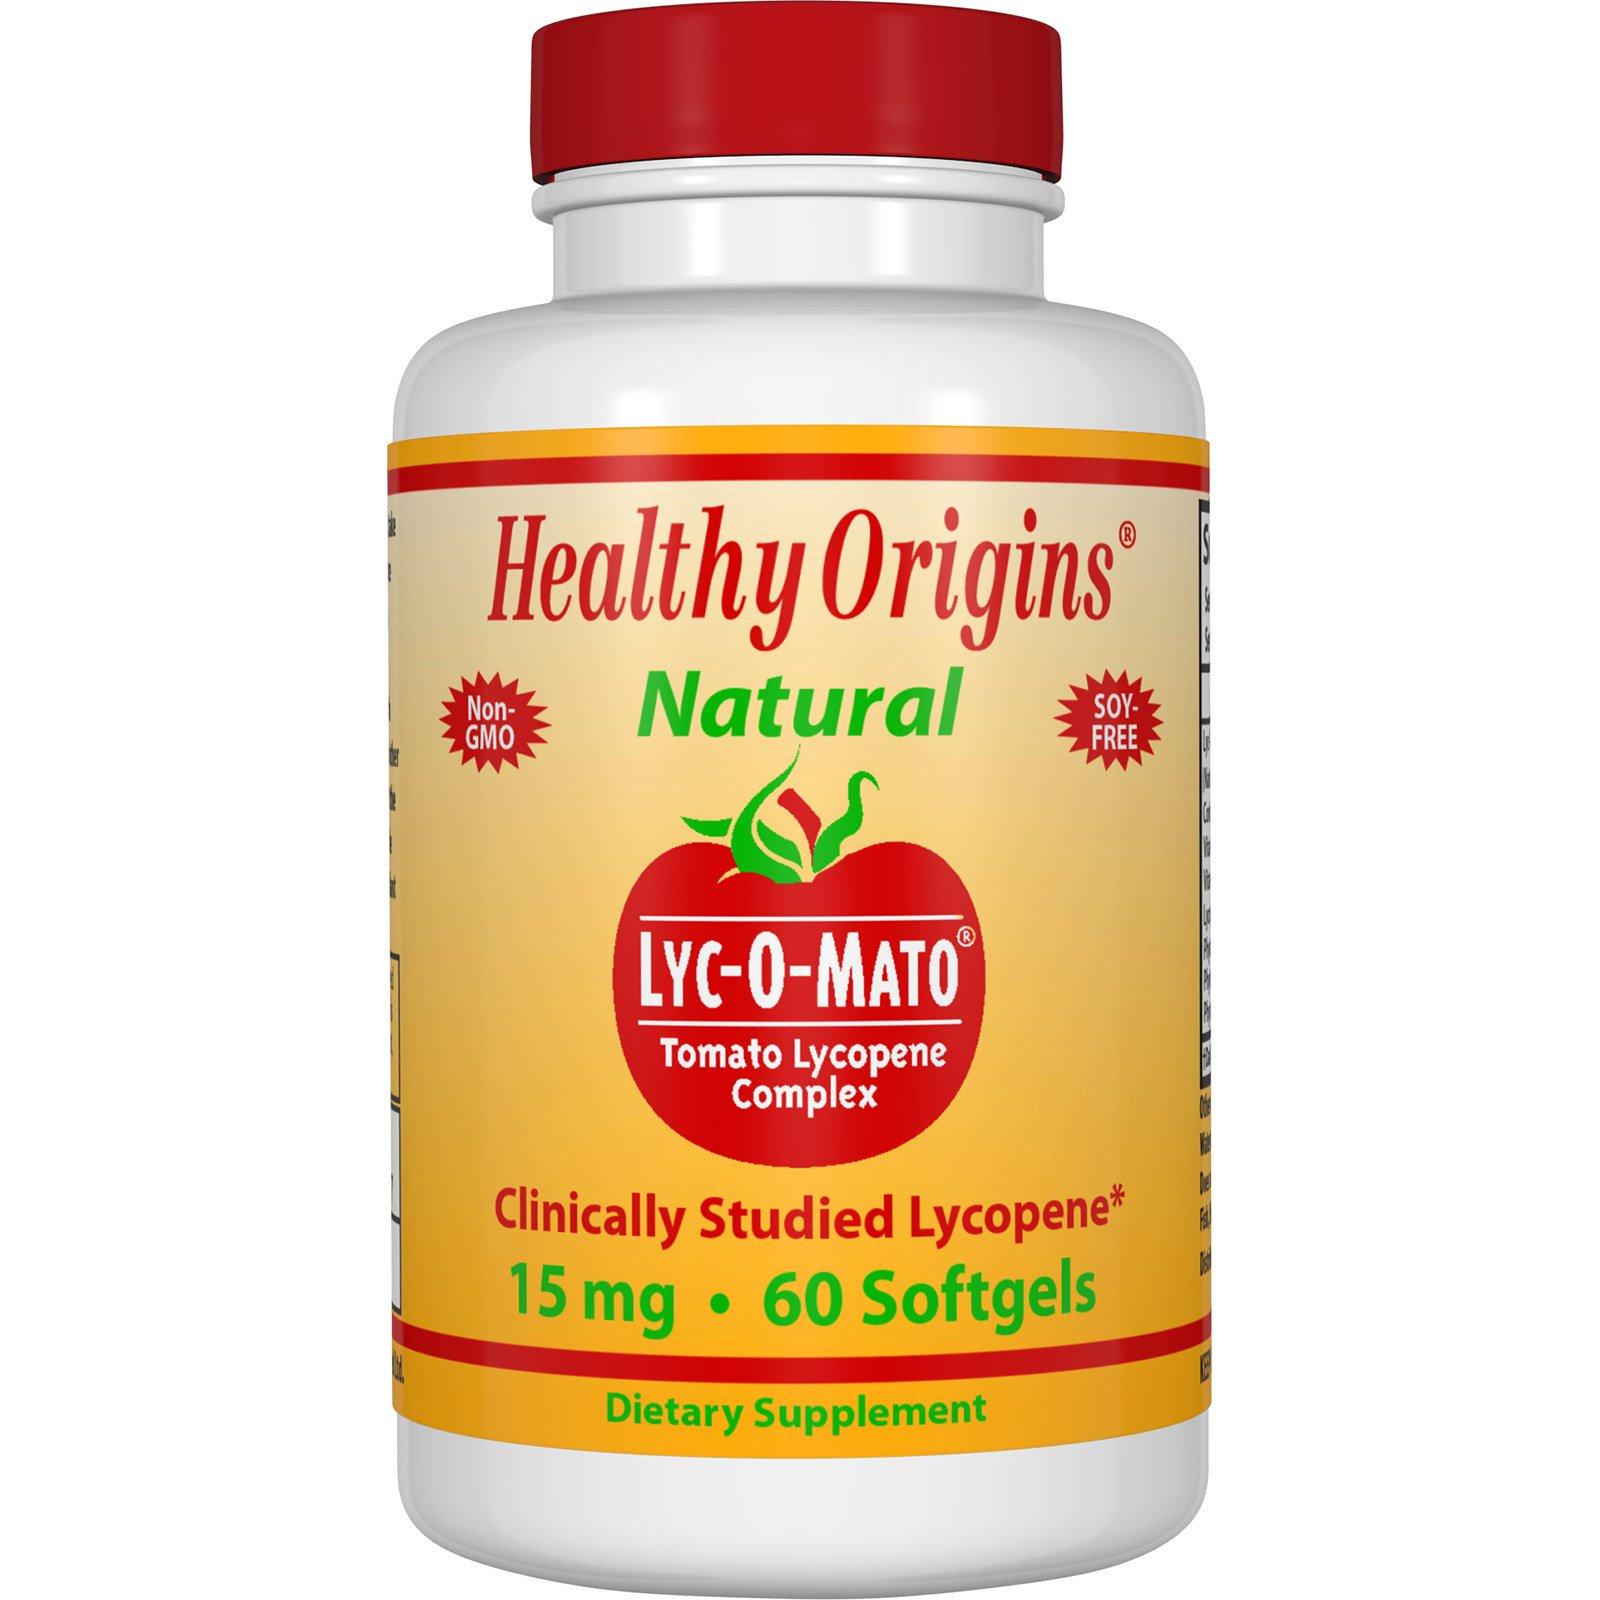 Healthy Origins, Lyc-O-Mato - комплексная добавка ликопина из помидоров, 15 мг, 60 гелевых капсул